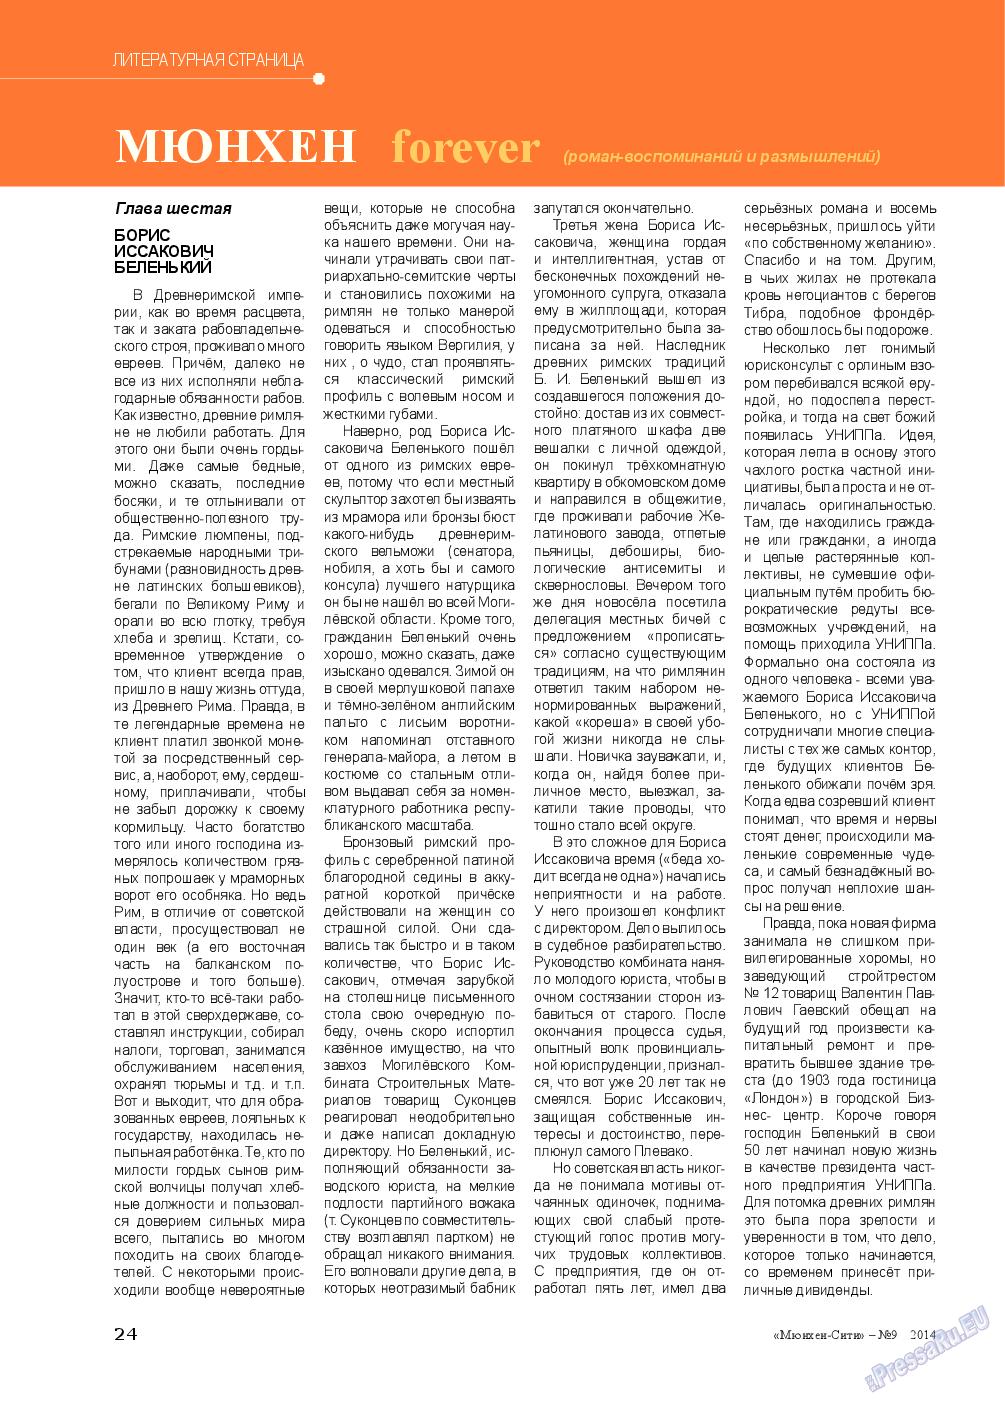 Мюнхен-сити (журнал). 2014 год, номер 9, стр. 24